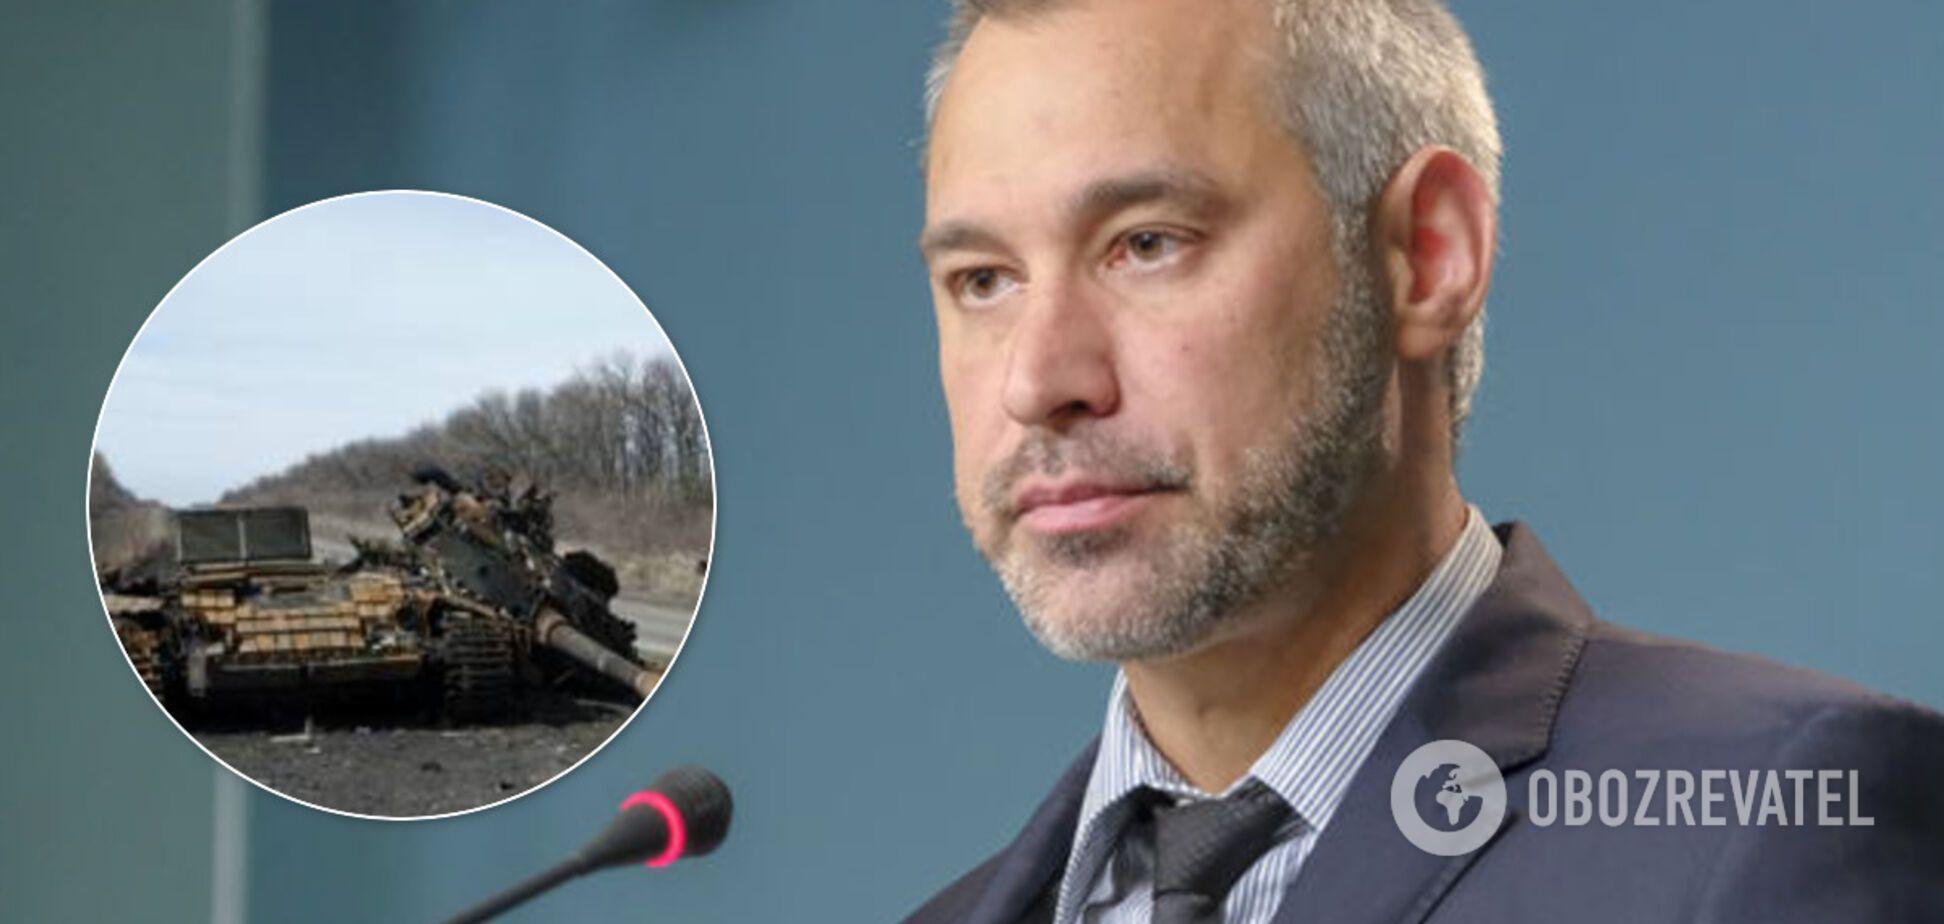 Котел в Дебальцево: Офис генпрокурора начал изучать переговоры российских офицеров